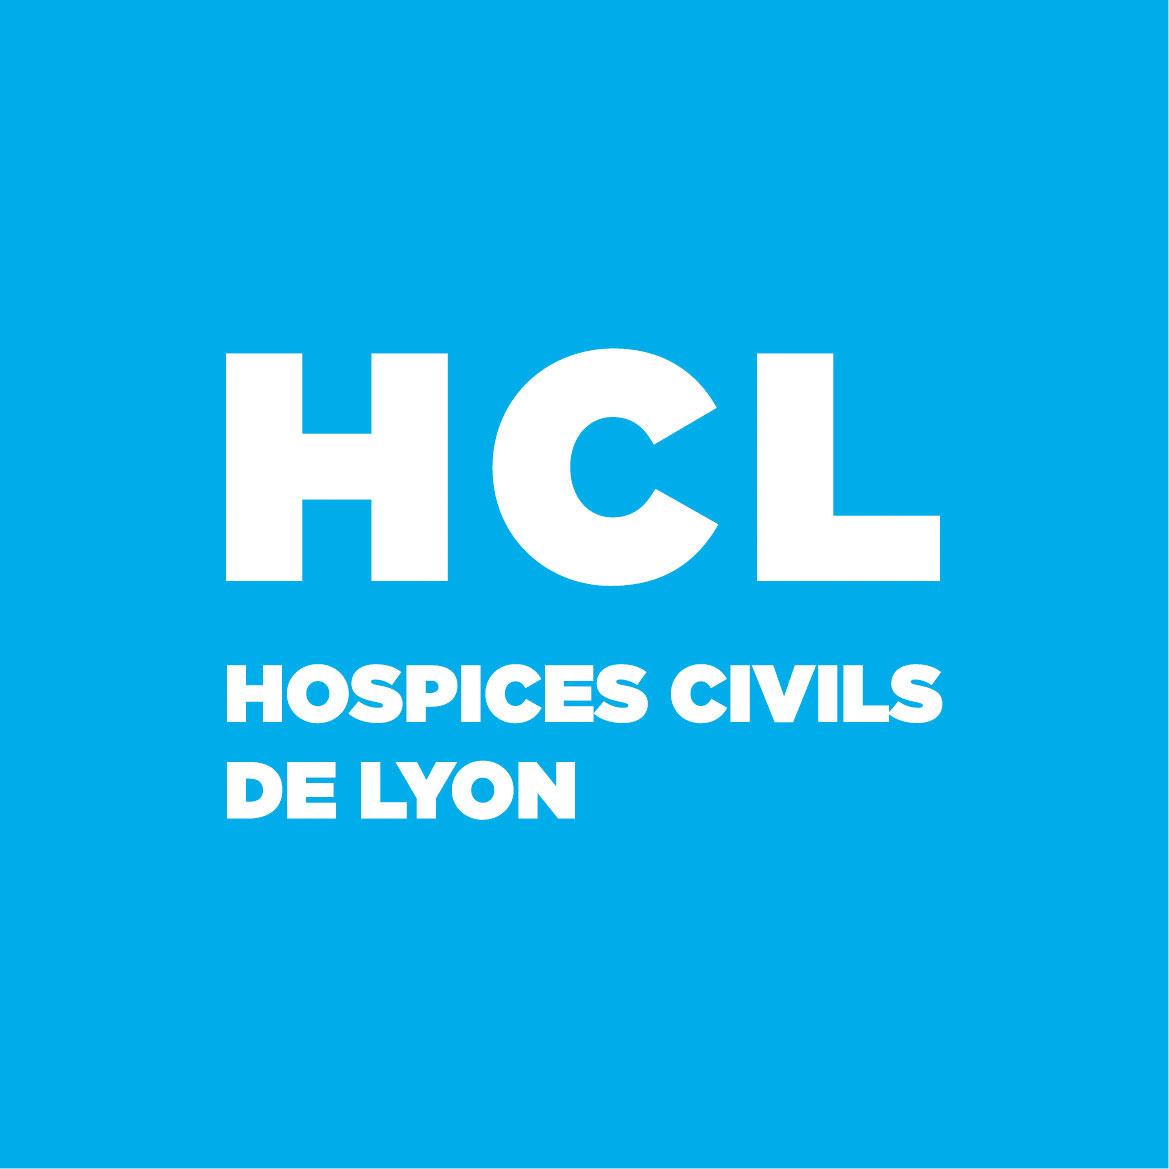 logo_hcl.jpg